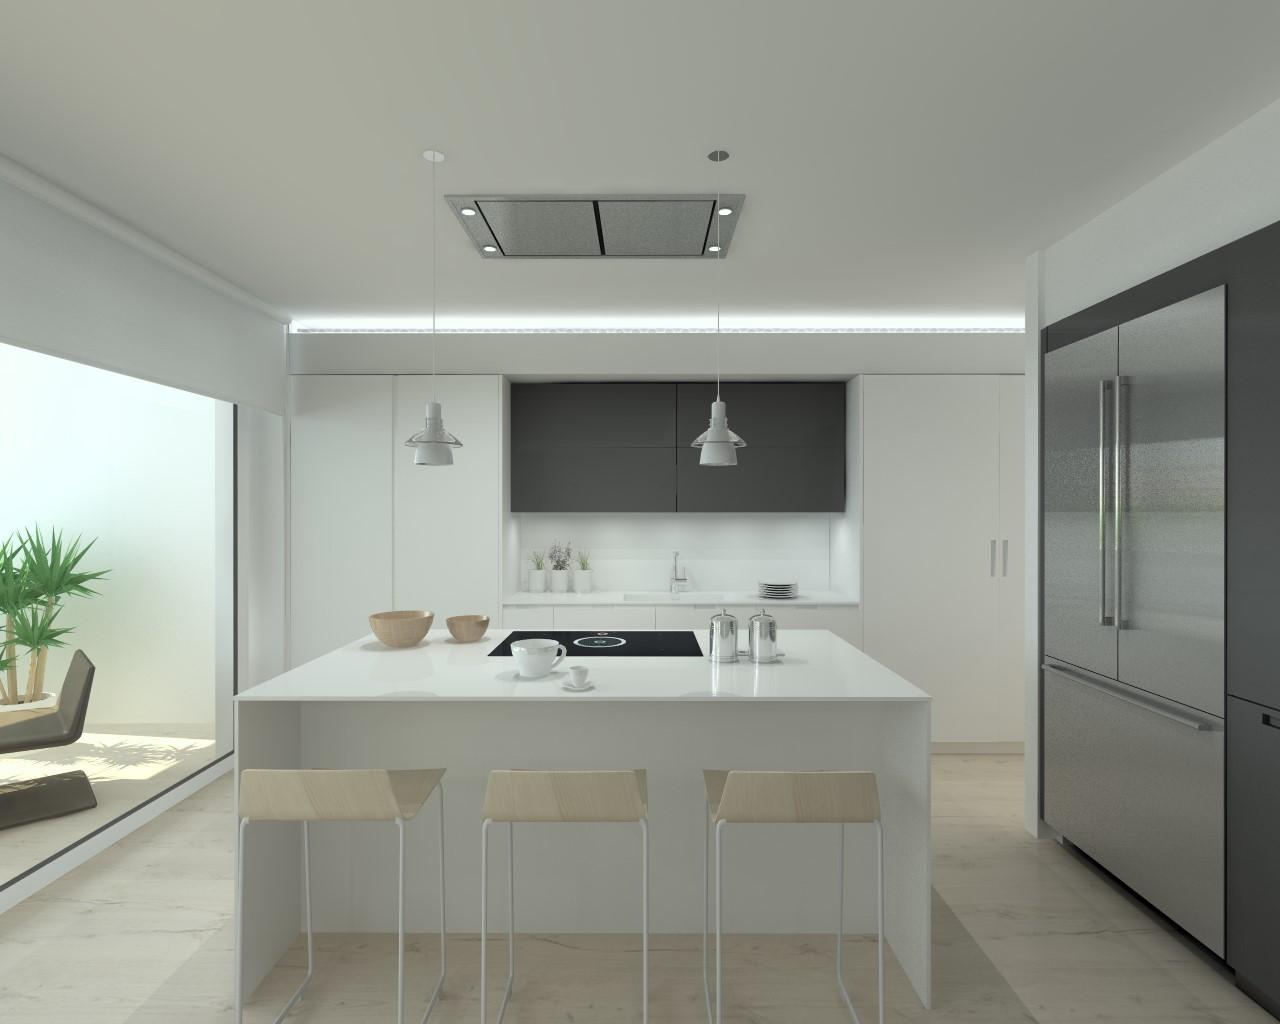 Cocinas santos modelo iintra laca seda blanco y gris - Cocinas santos valencia ...